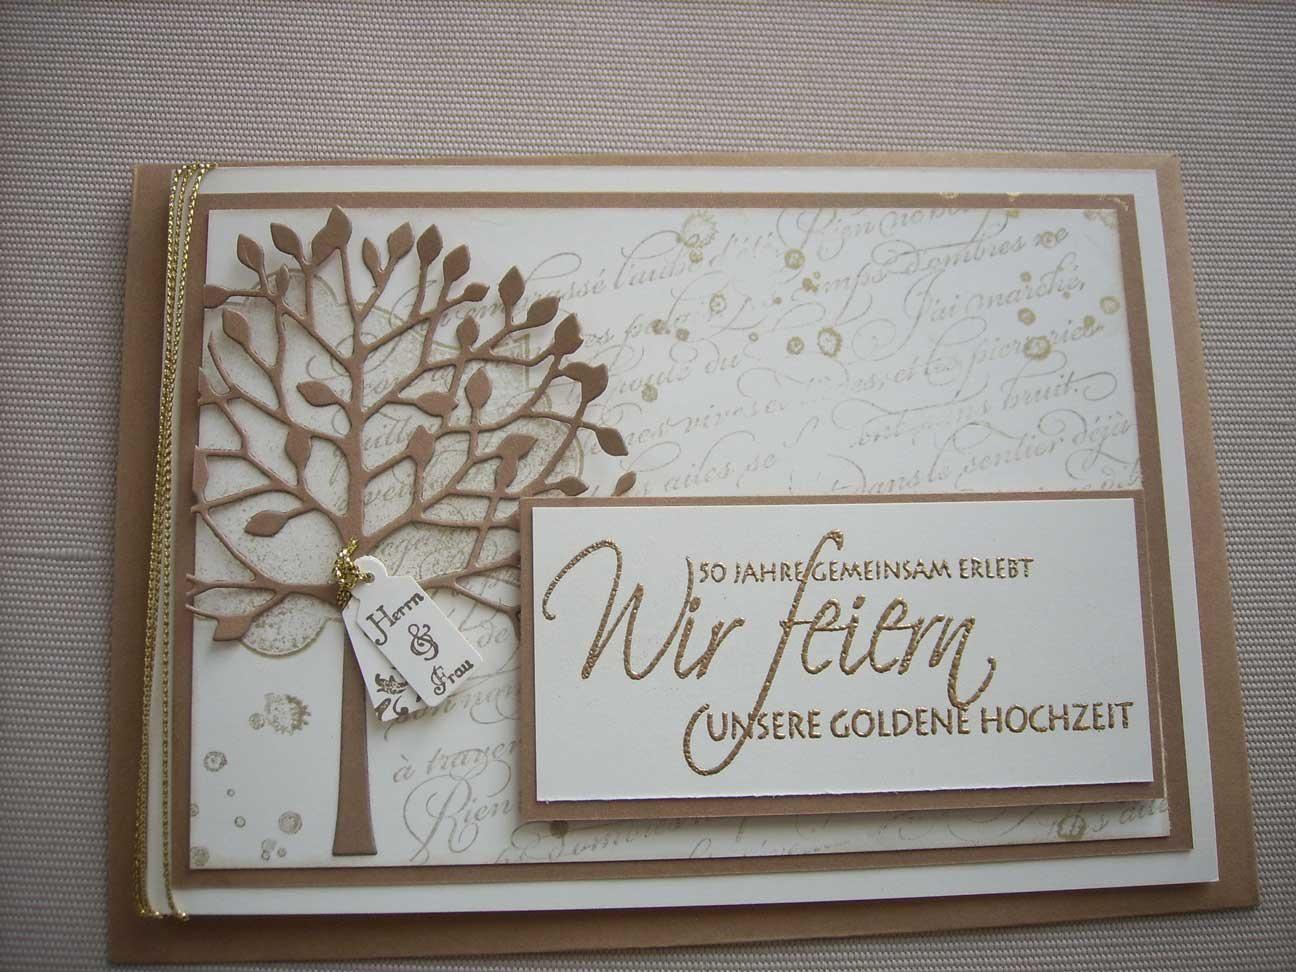 einladungskartengoldenehochzeitdruckenlassen  Einladungskarten hochzeit  Einladung goldene